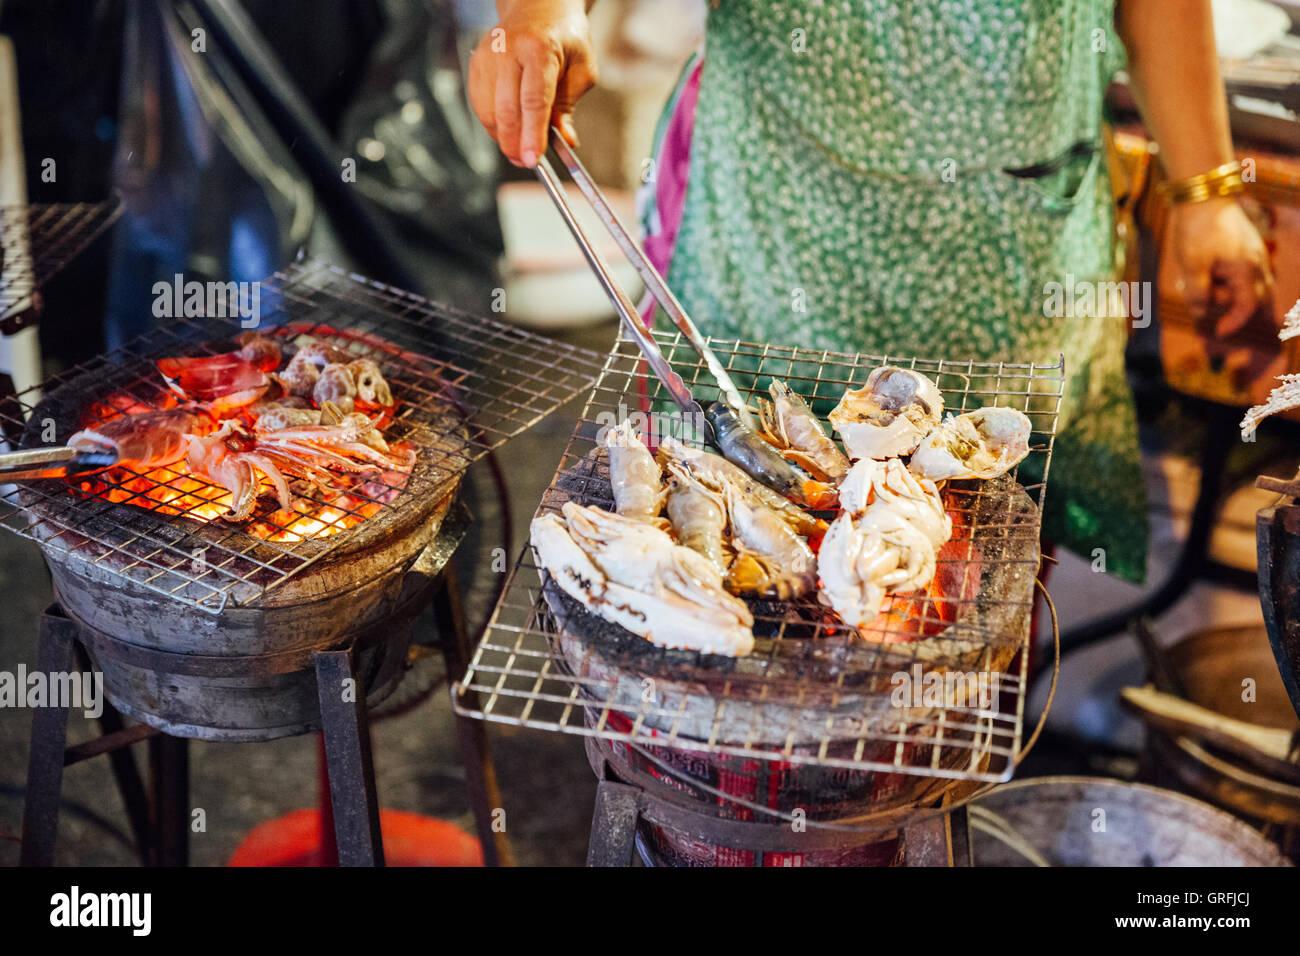 CHIANG MAI, Tailandia - 27 de agosto: vendedor de comida Cocina mariscos en el mercado del sábado noche, (Calle) Imagen De Stock